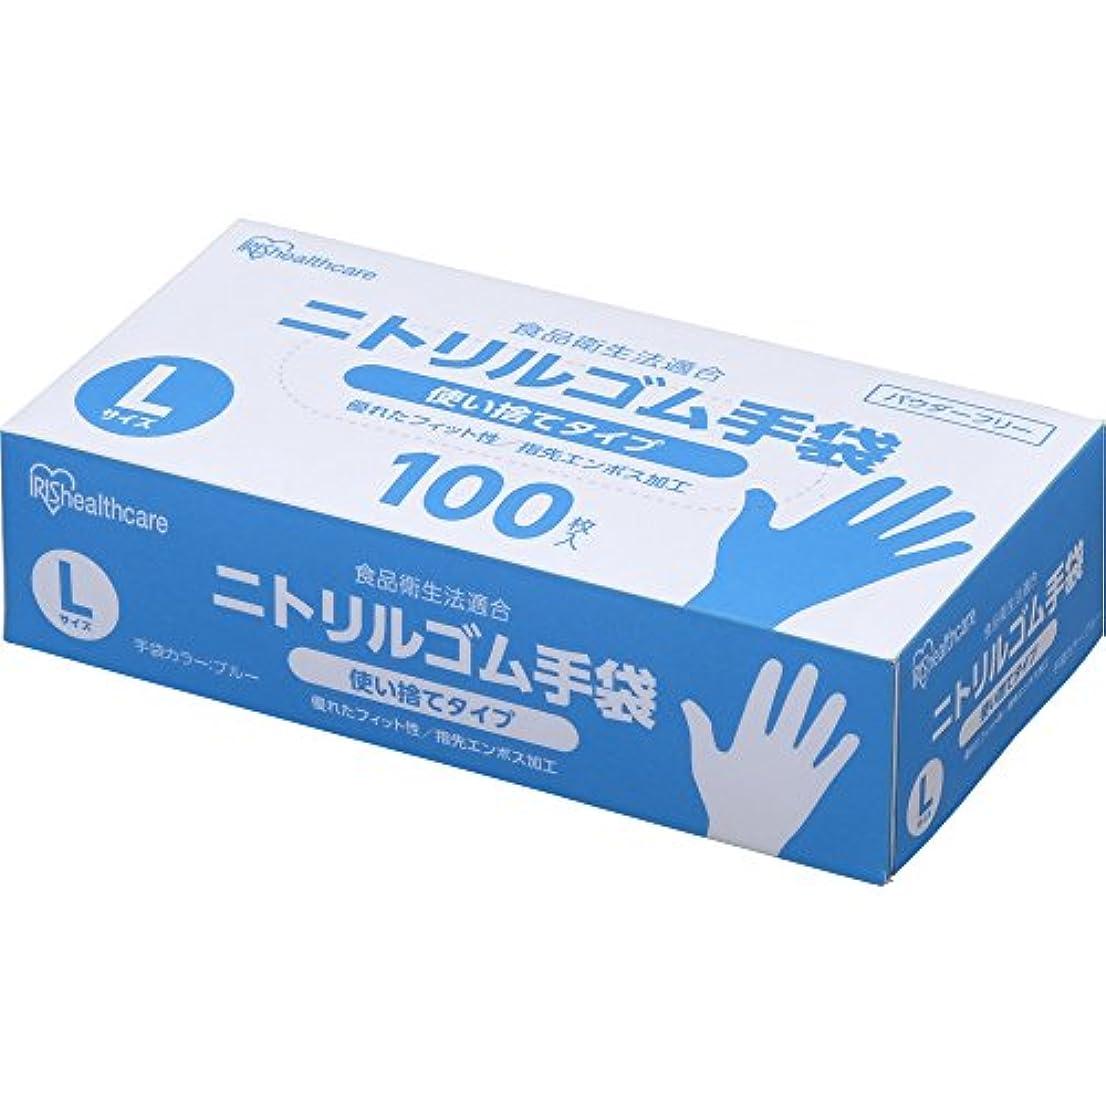 大約設定ビュッフェアイリスオーヤマ 使い捨て手袋 ブルー ニトリルゴム 100枚 Lサイズ 業務用